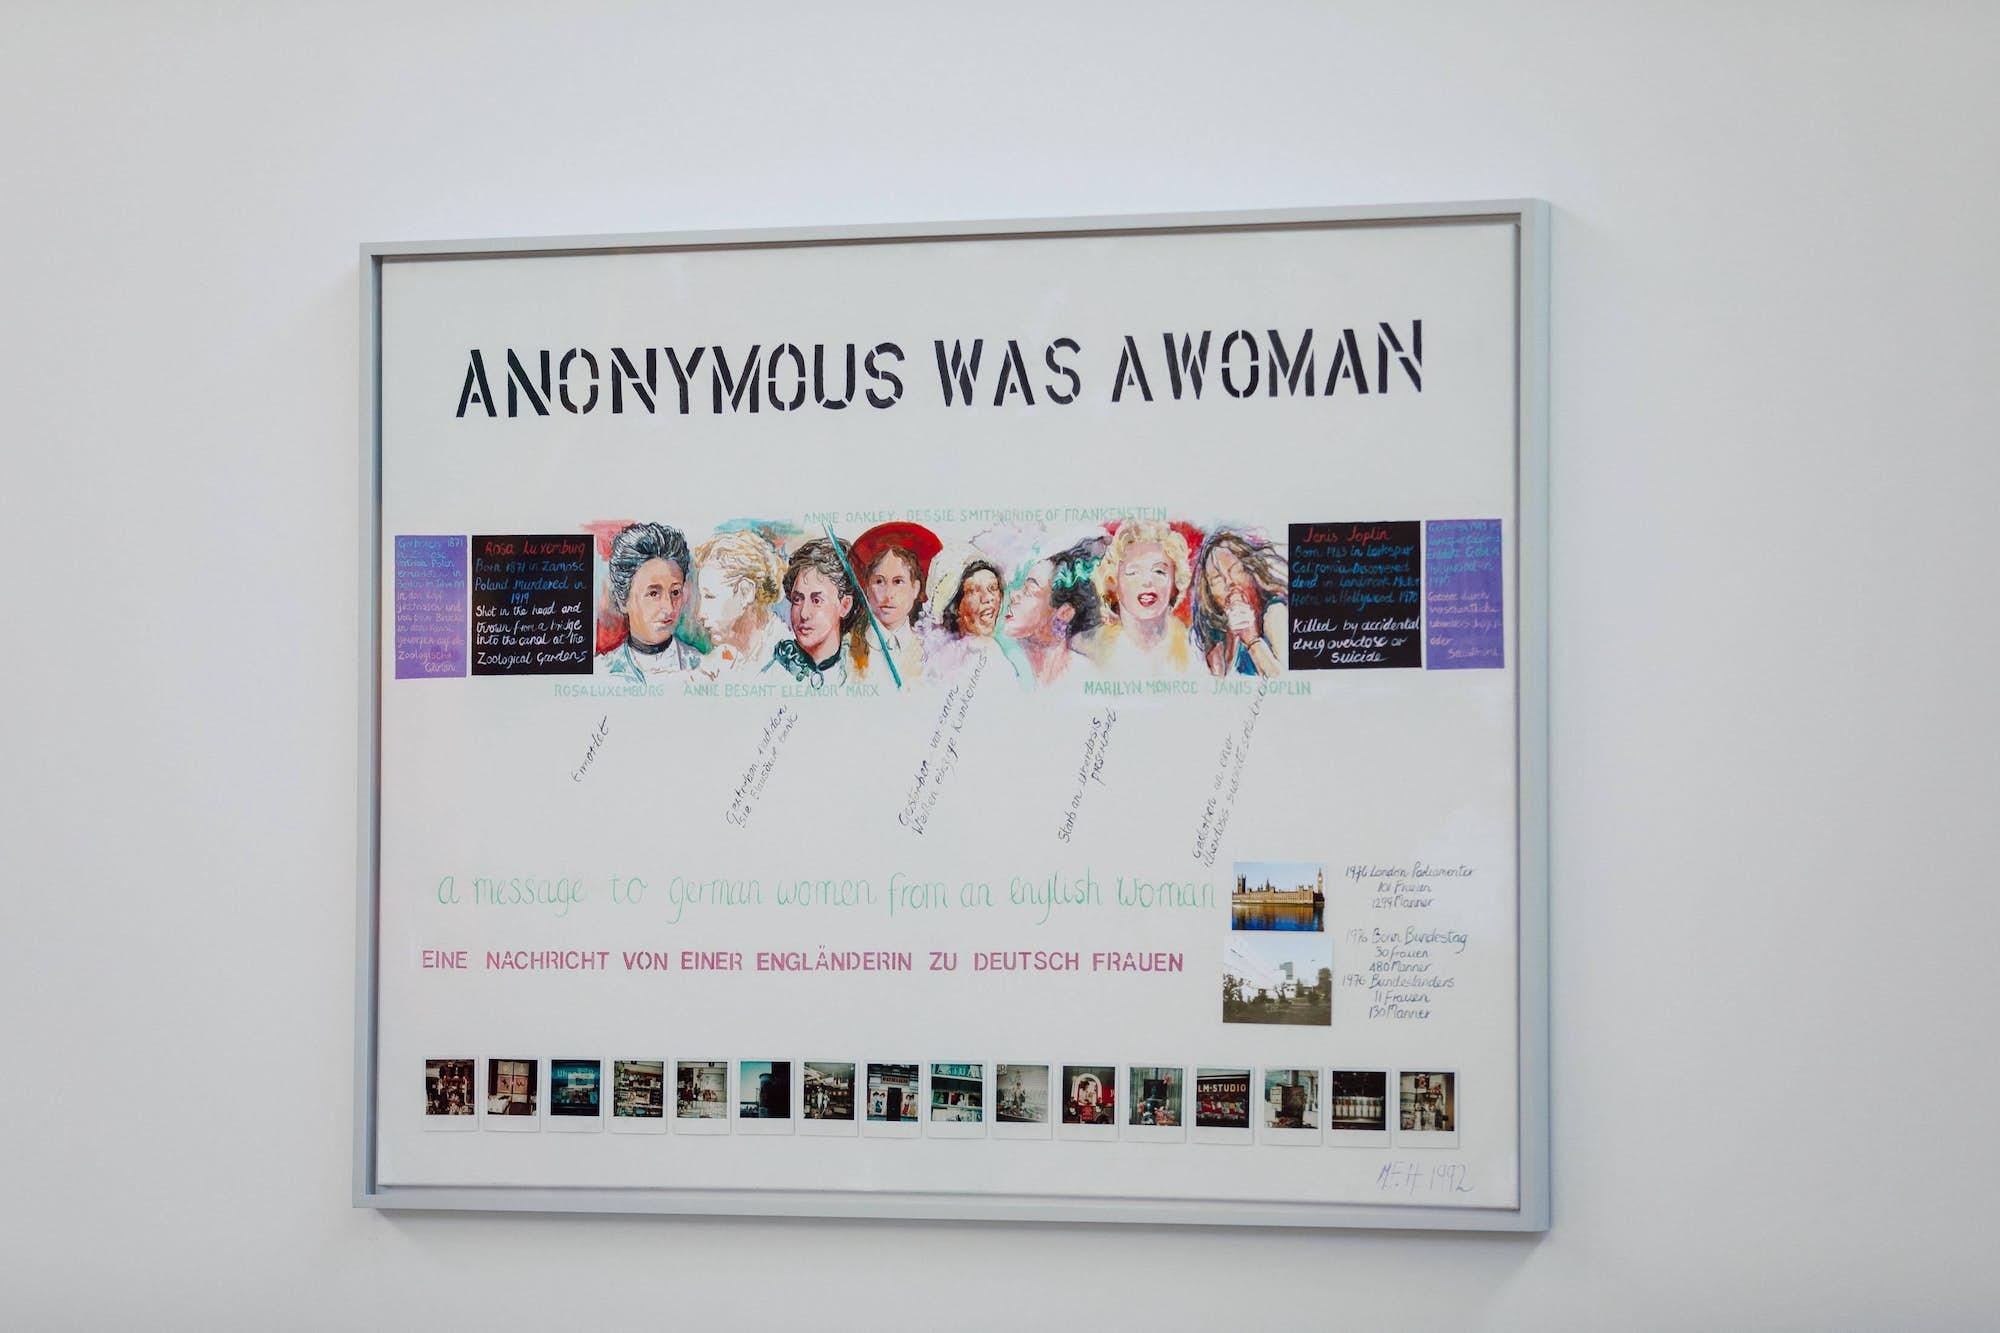 Web Margaret HARRISON Anonymous Was a Woman 1977 1991 Exposition La Colère de Ludd BPS22 2020 Photo Leslie Artamonow jpg